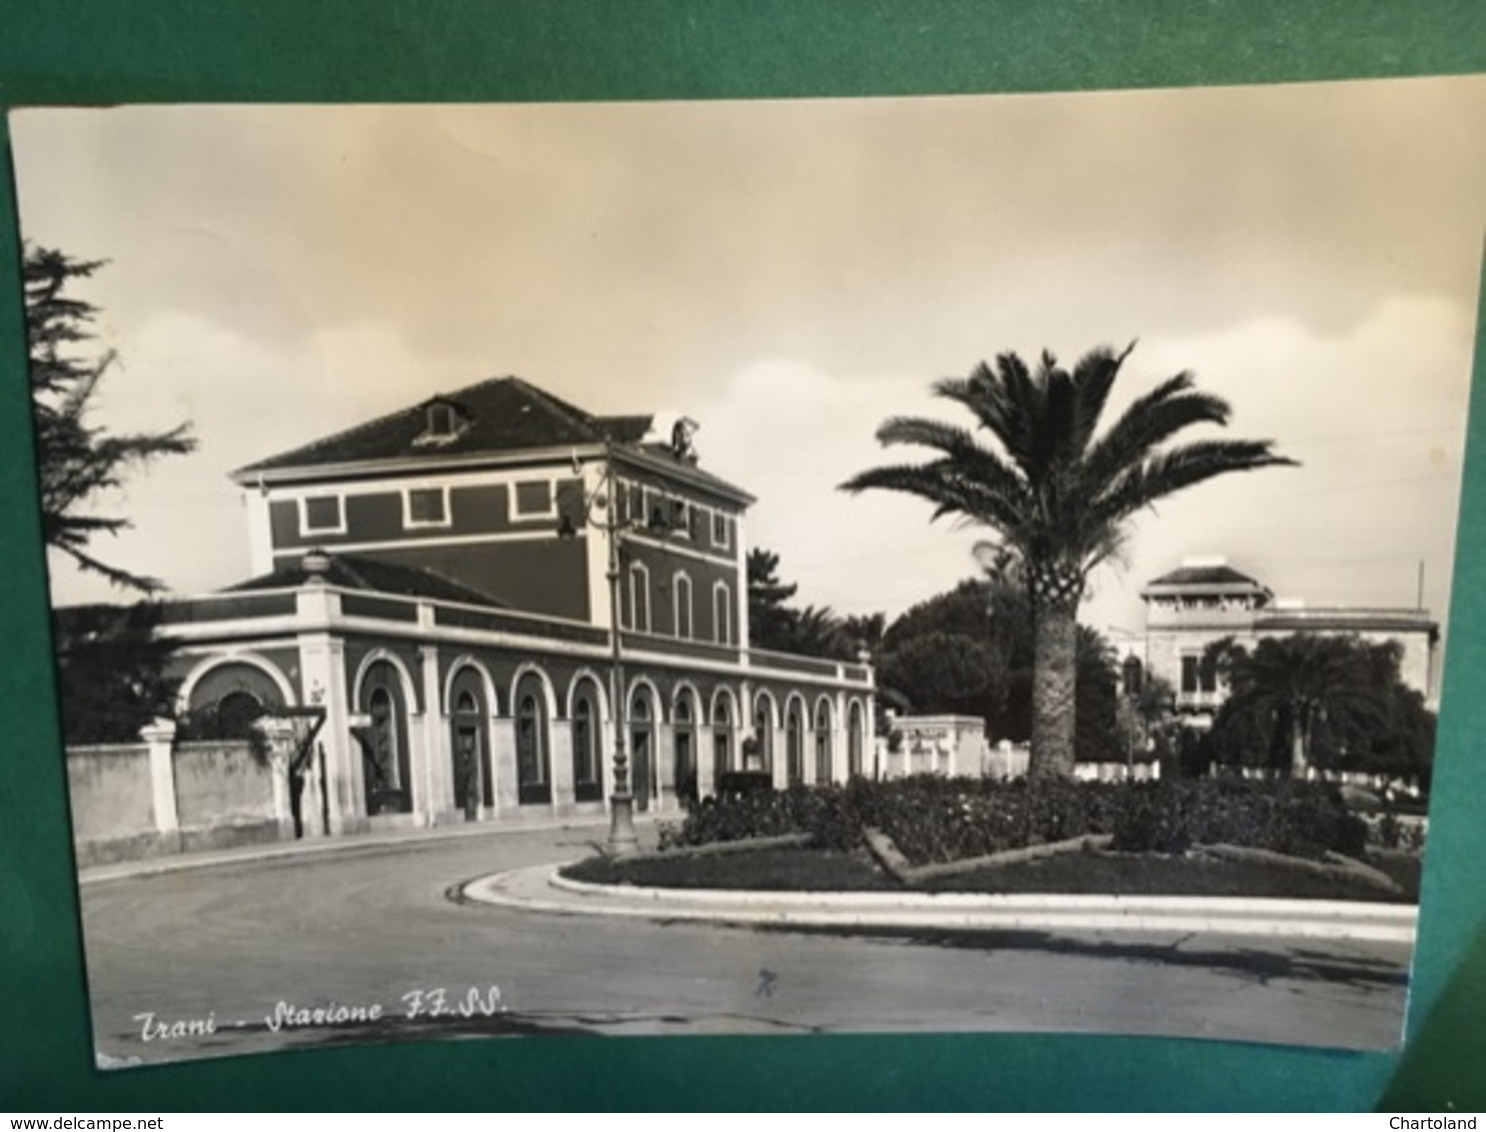 Cartolina Trani - Stazione FF.SS. - 1954 - Bari